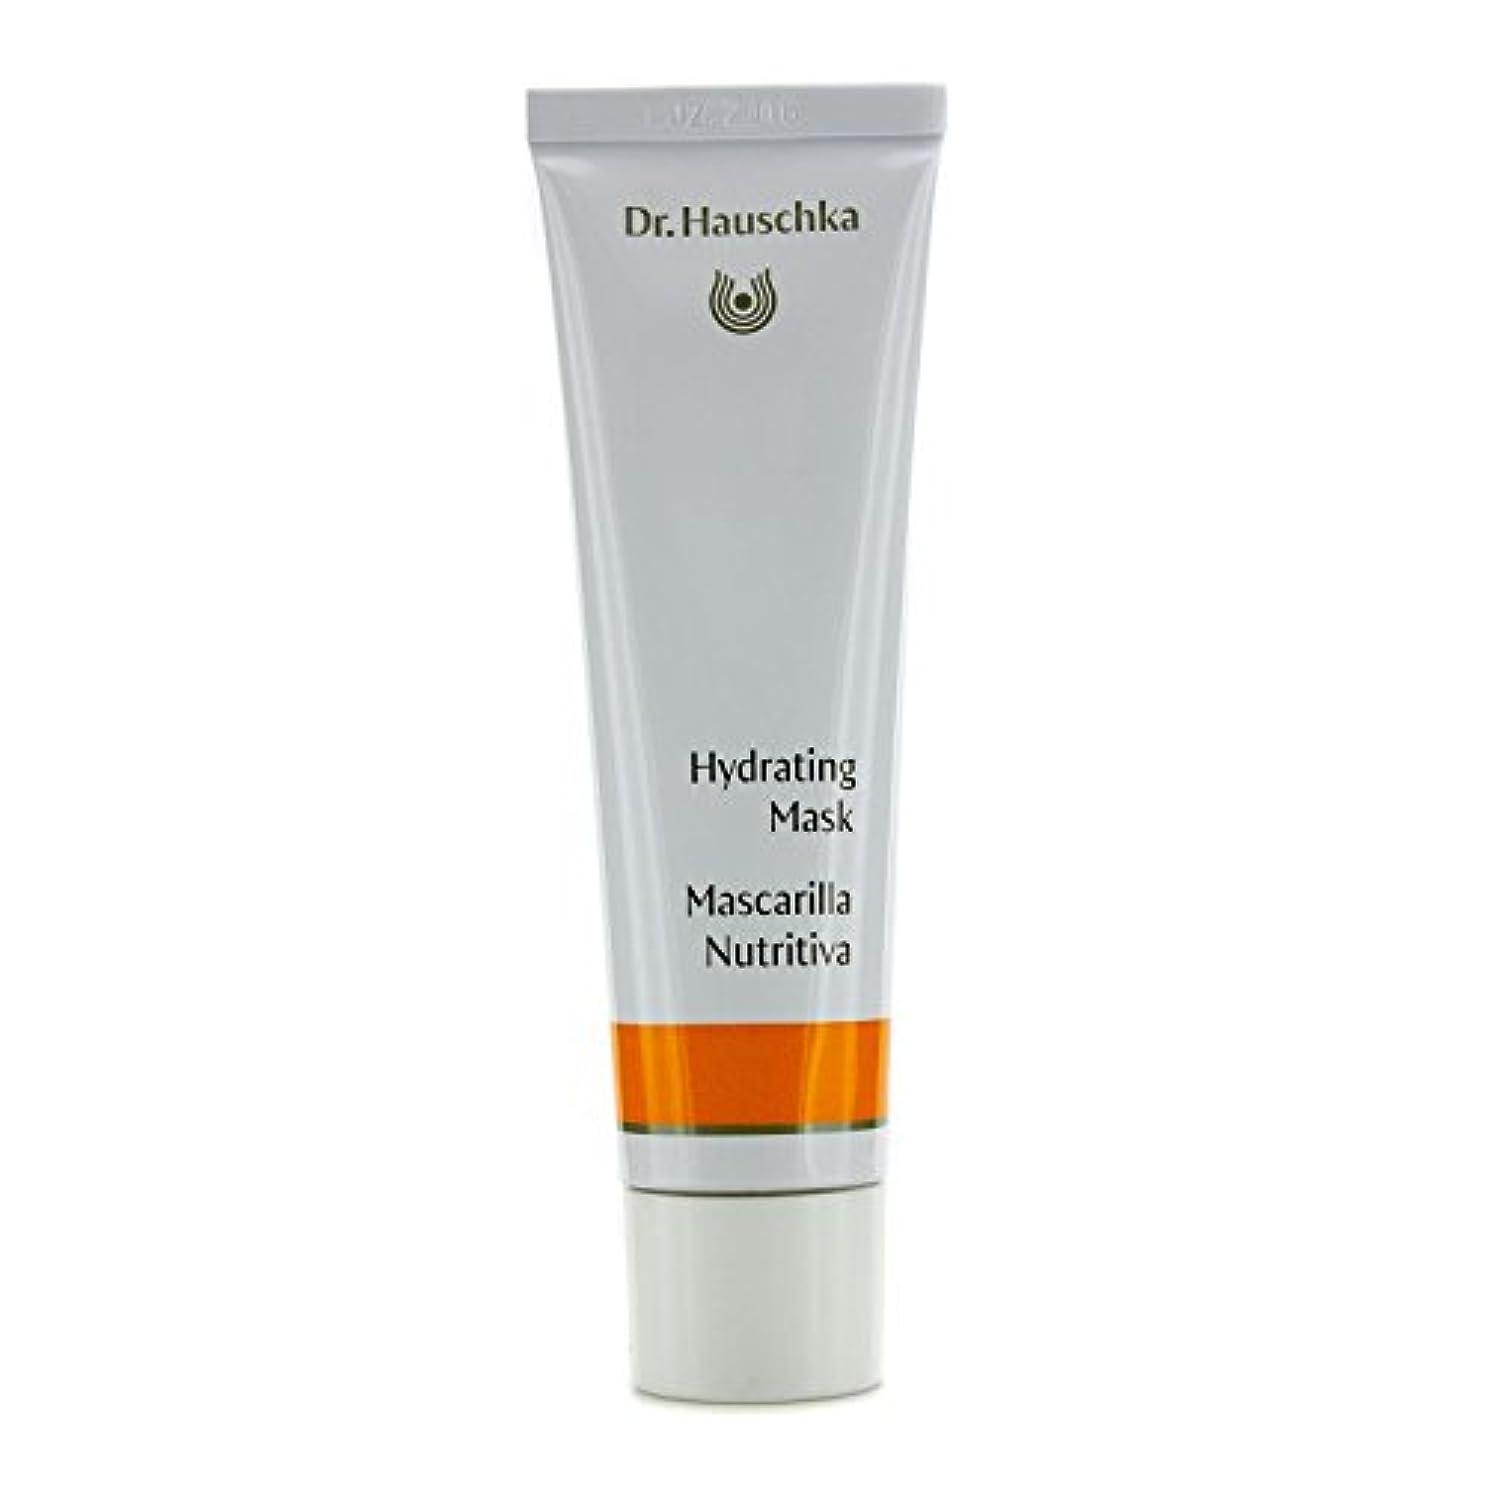 ドクターハウシュカ Hydrating Cream Mask 30ml/1oz並行輸入品